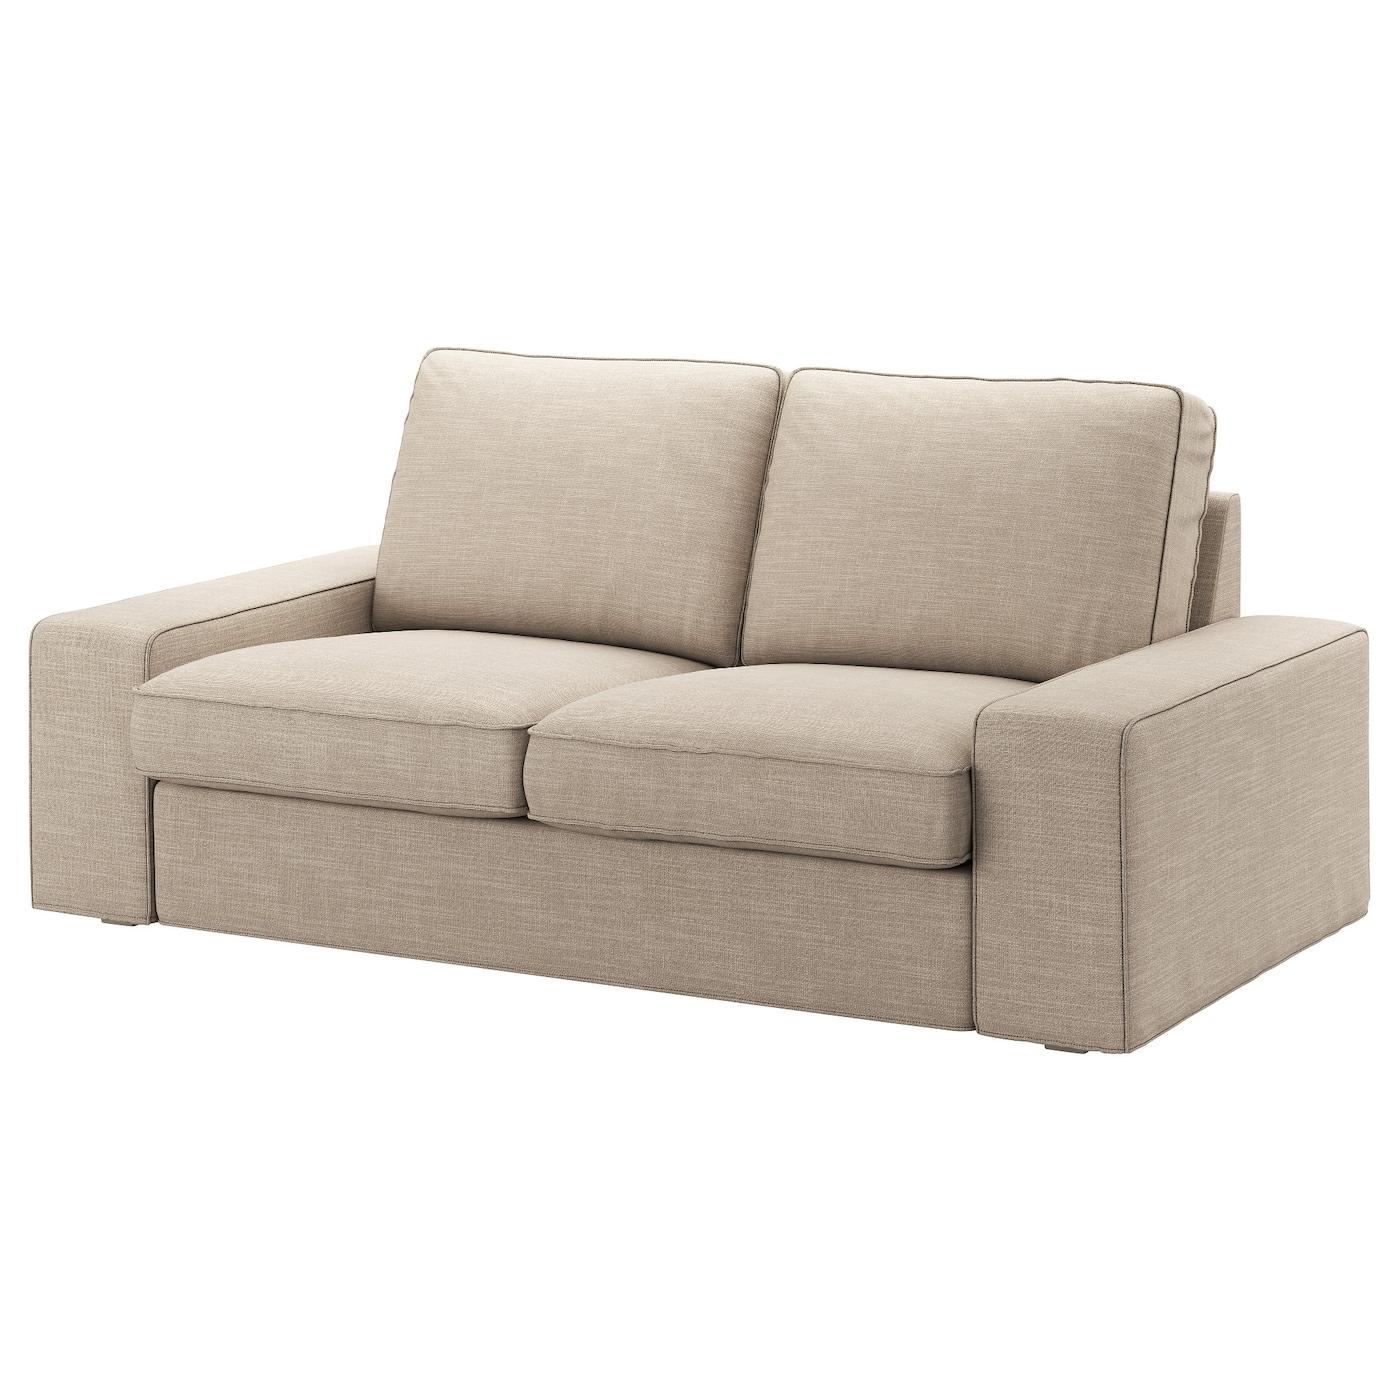 KIVIK Sofá 2 lugares, Hillared bege - IKEA